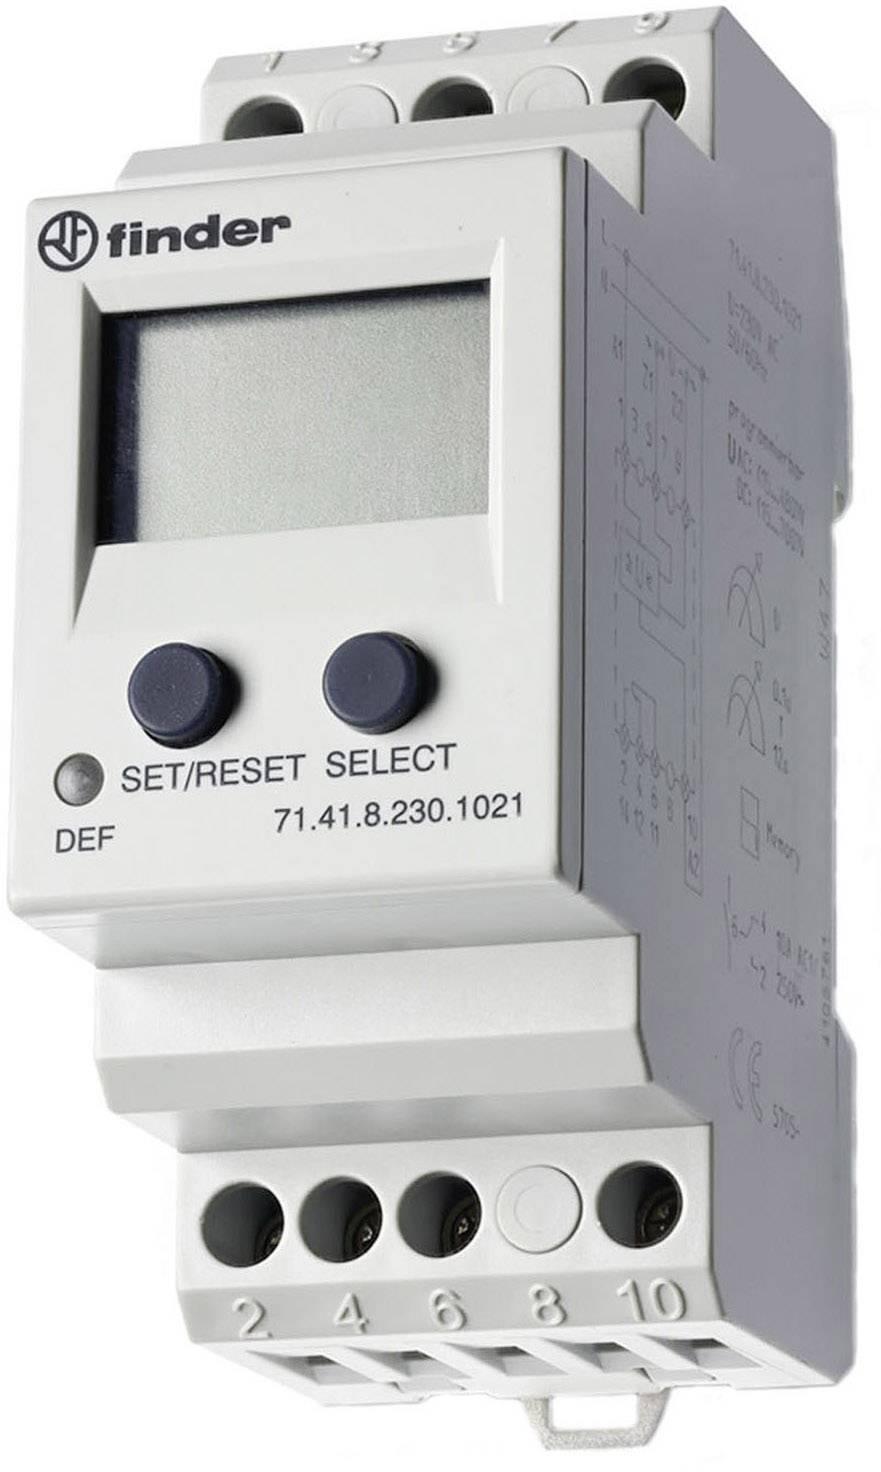 Überwachungsrelais 380-415 V//AC 1 Wechsler 1 St Finder 70.41.8.400.2030 3-Pha